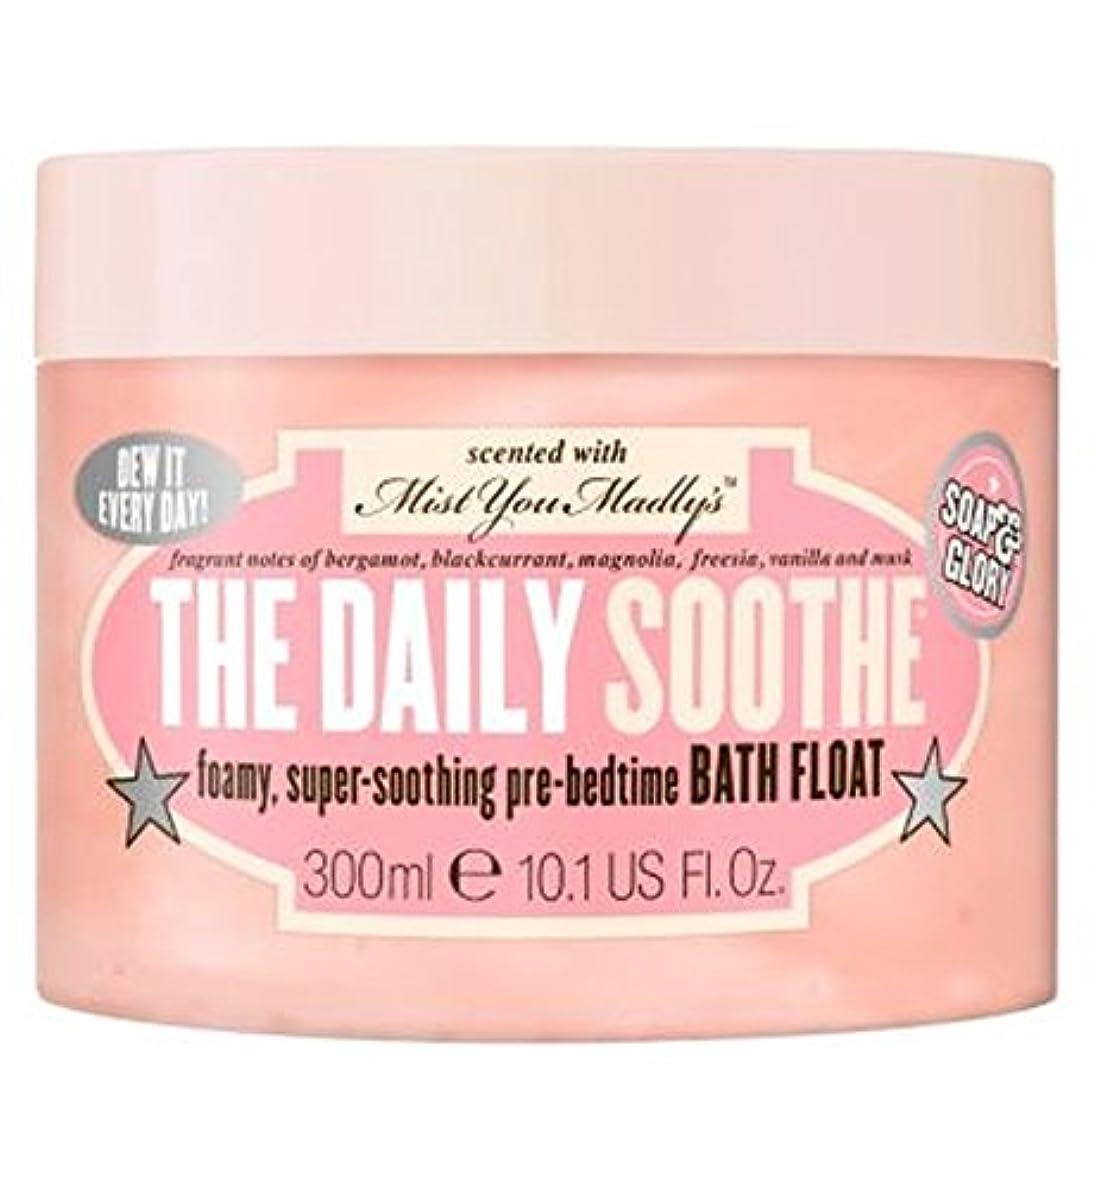 球状アナウンサー側Soap & Glory The Daily Soothe Bath Float - 石鹸&栄光毎日癒すバスフロート (Soap & Glory) [並行輸入品]